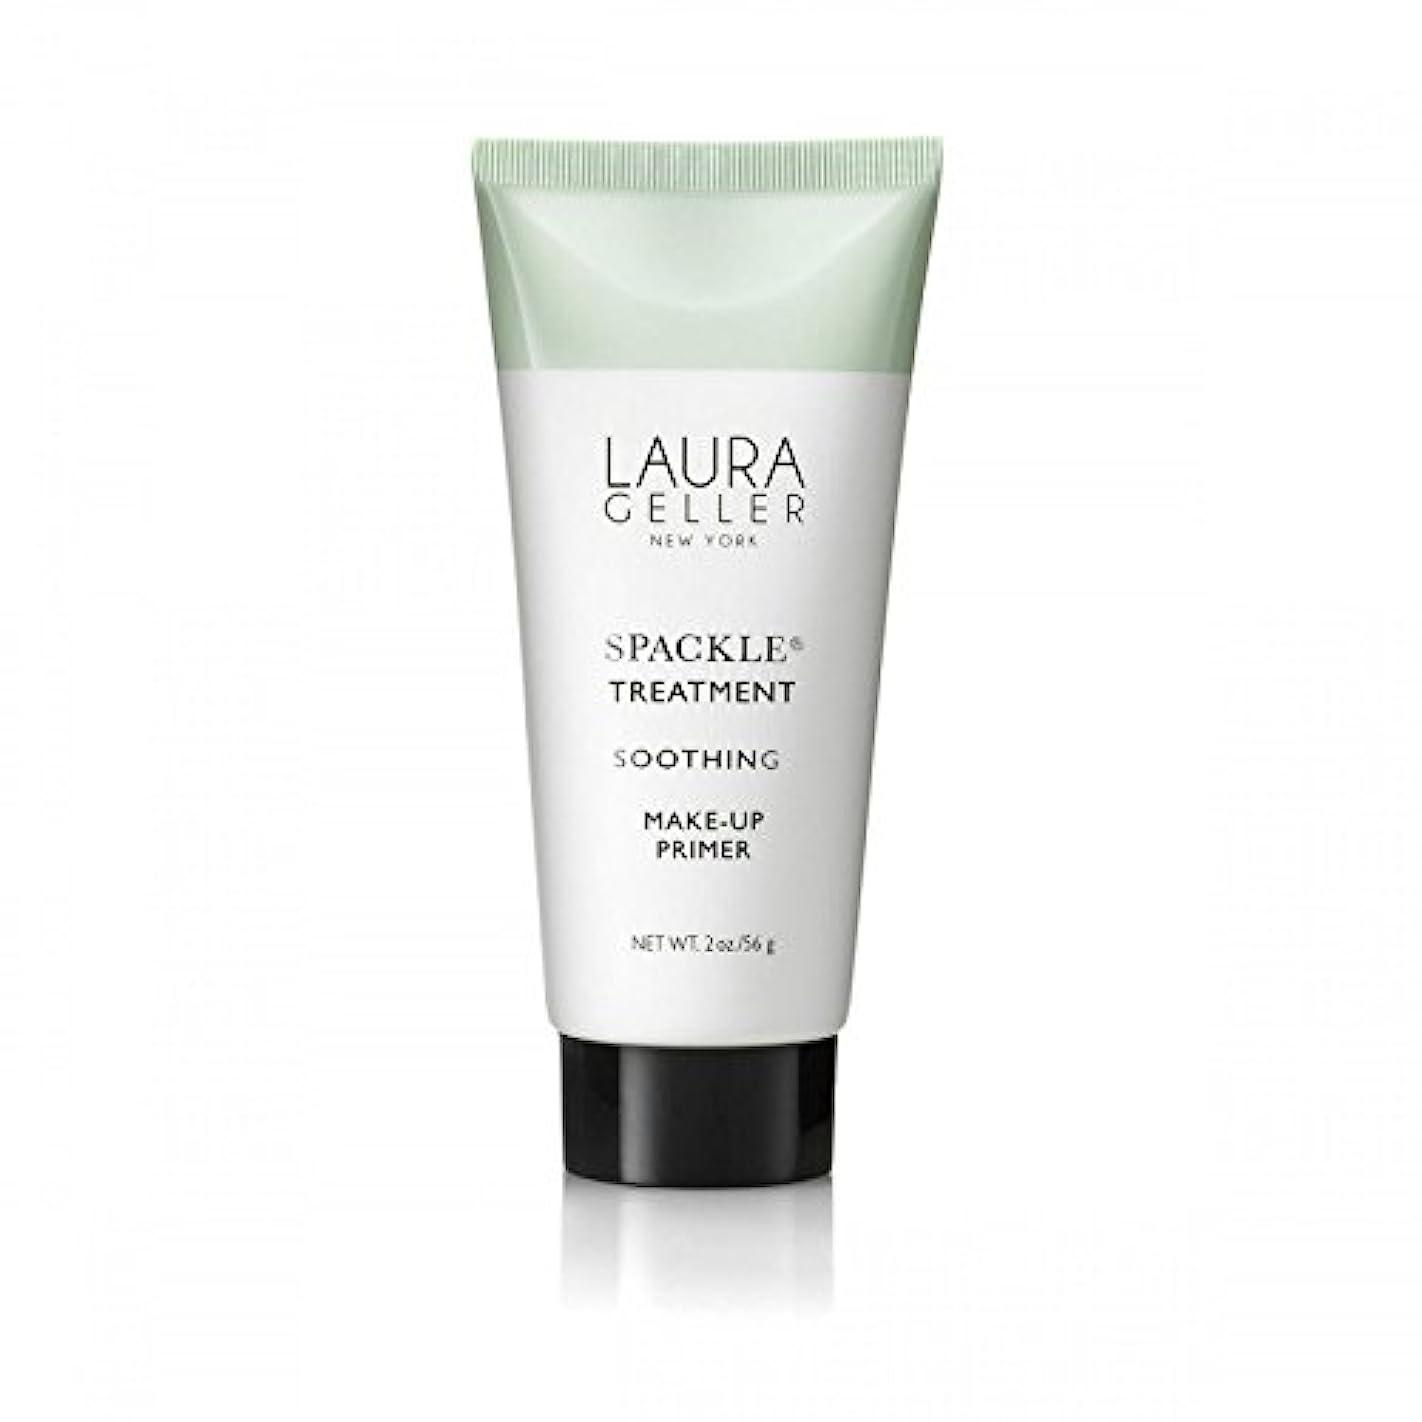 当社なめらかな練習Laura Geller Spackle Treatment Under Make-Up Primer Soothing (Pack of 6) - メイクアッププライマー癒しの下のローラ?ゲラー 処理 x6 [並行輸入品]